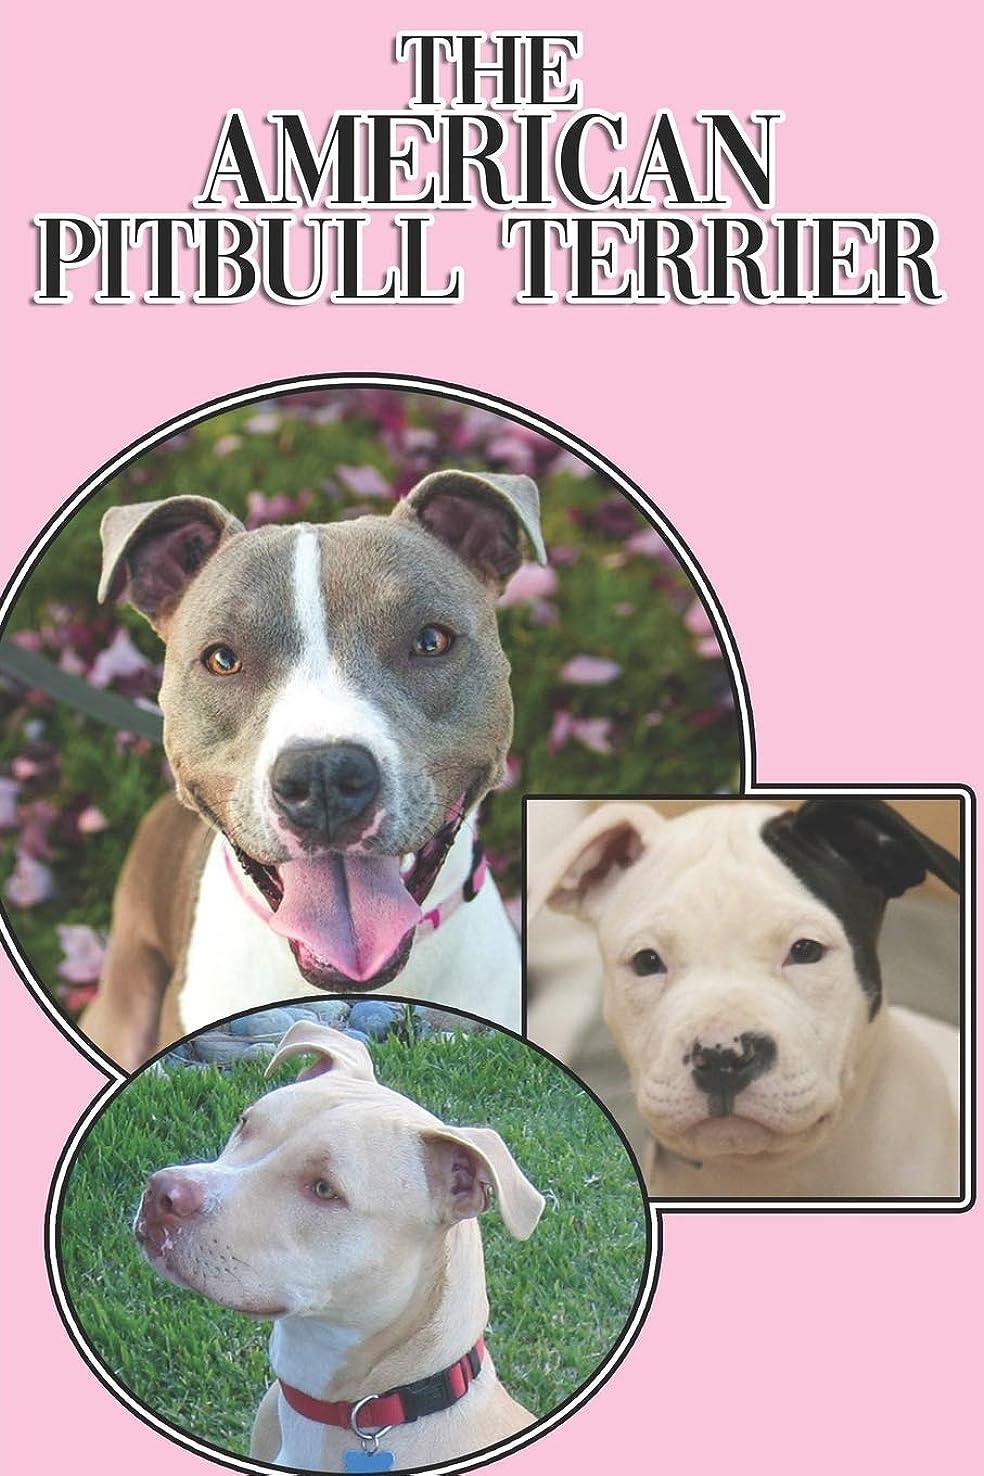 息子土器上にThe American Pitbull Terrier: A Complete and Comprehensive Beginners Guide to: Buying, Owning, Health, Grooming, Training, Obedience, Understanding and Caring for Your American Pitbull Terrier